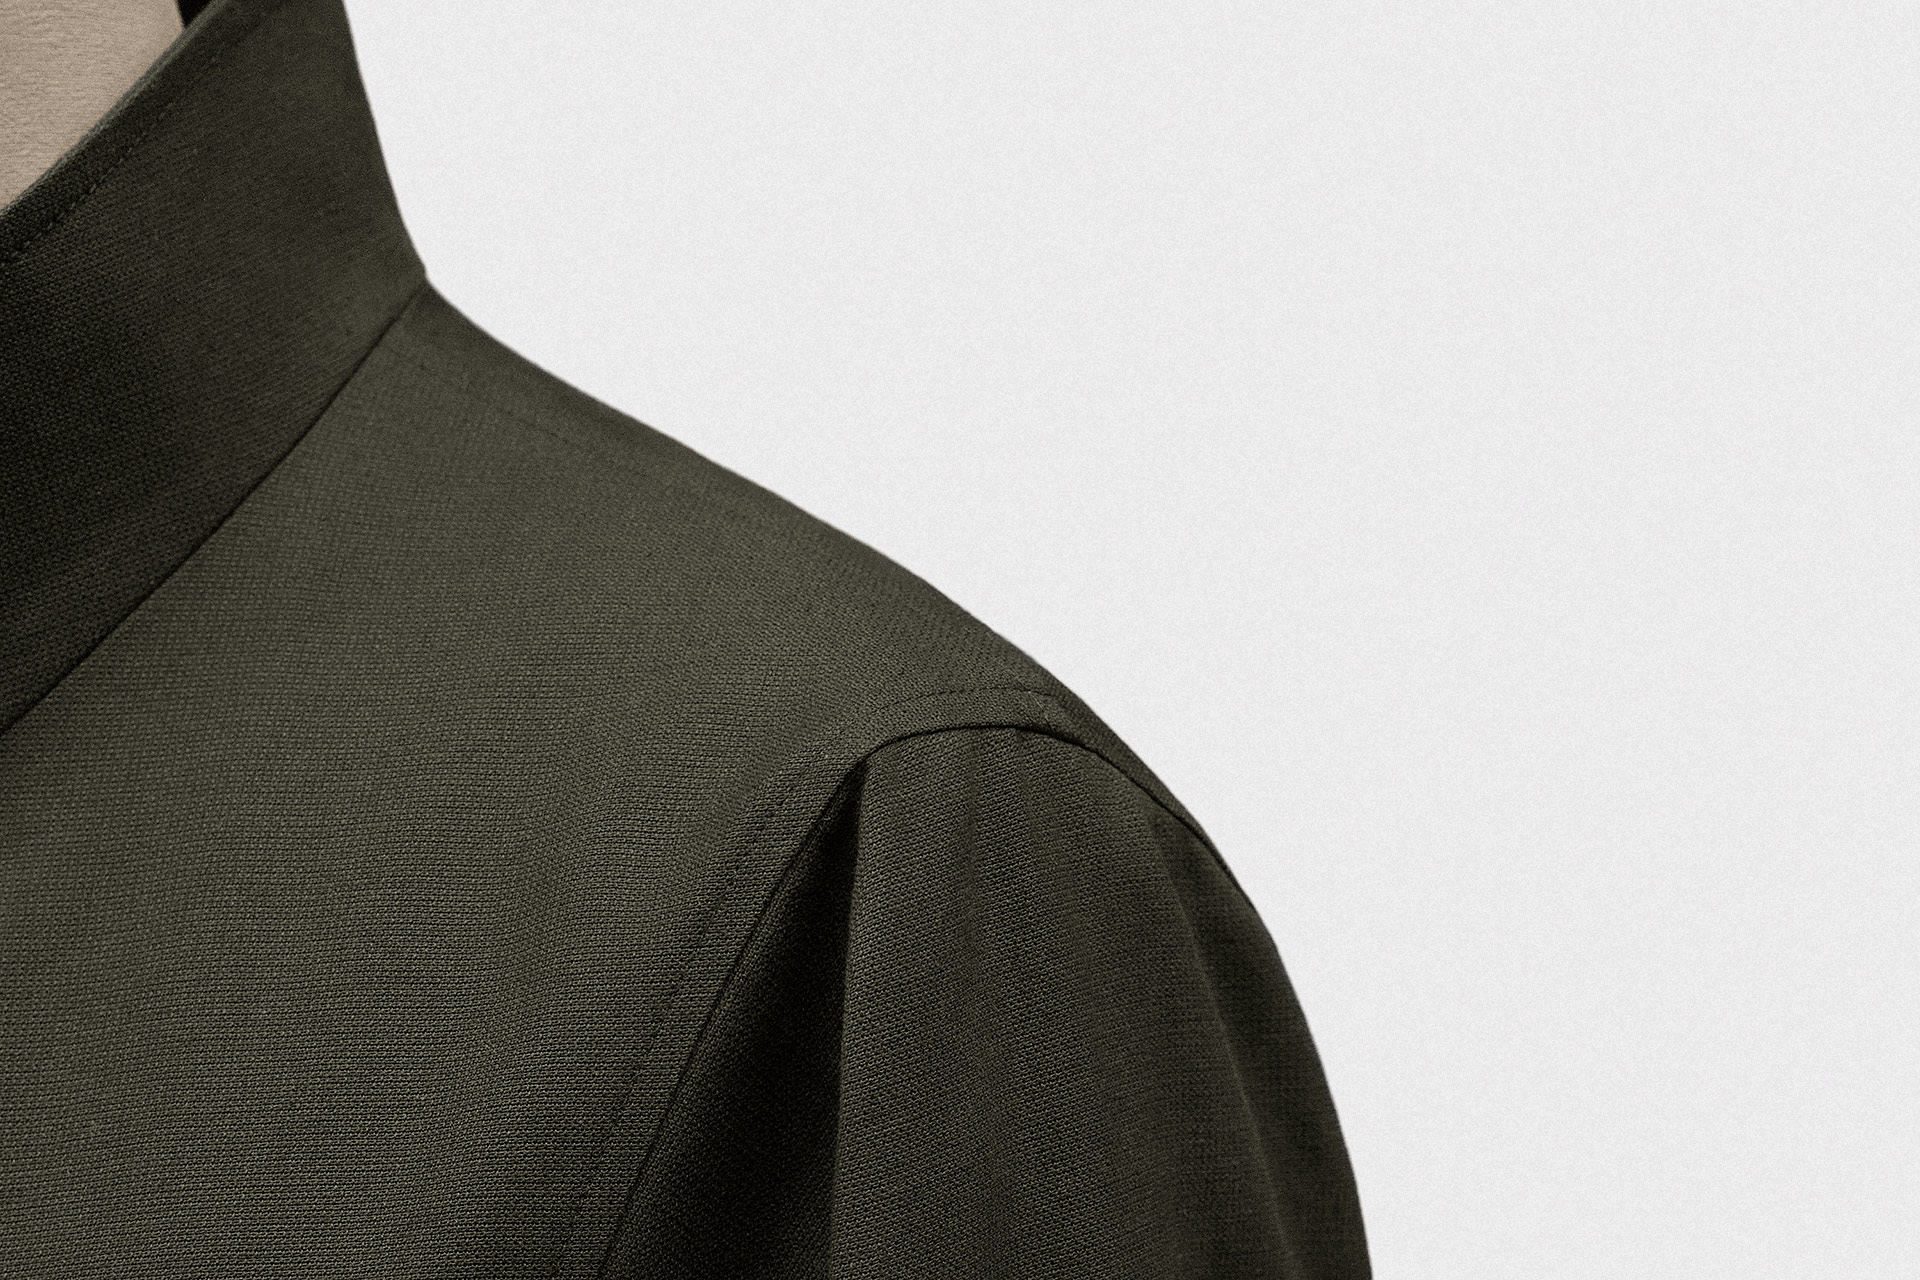 field-jacket-airweave-cotton-green-5@2x.jpg